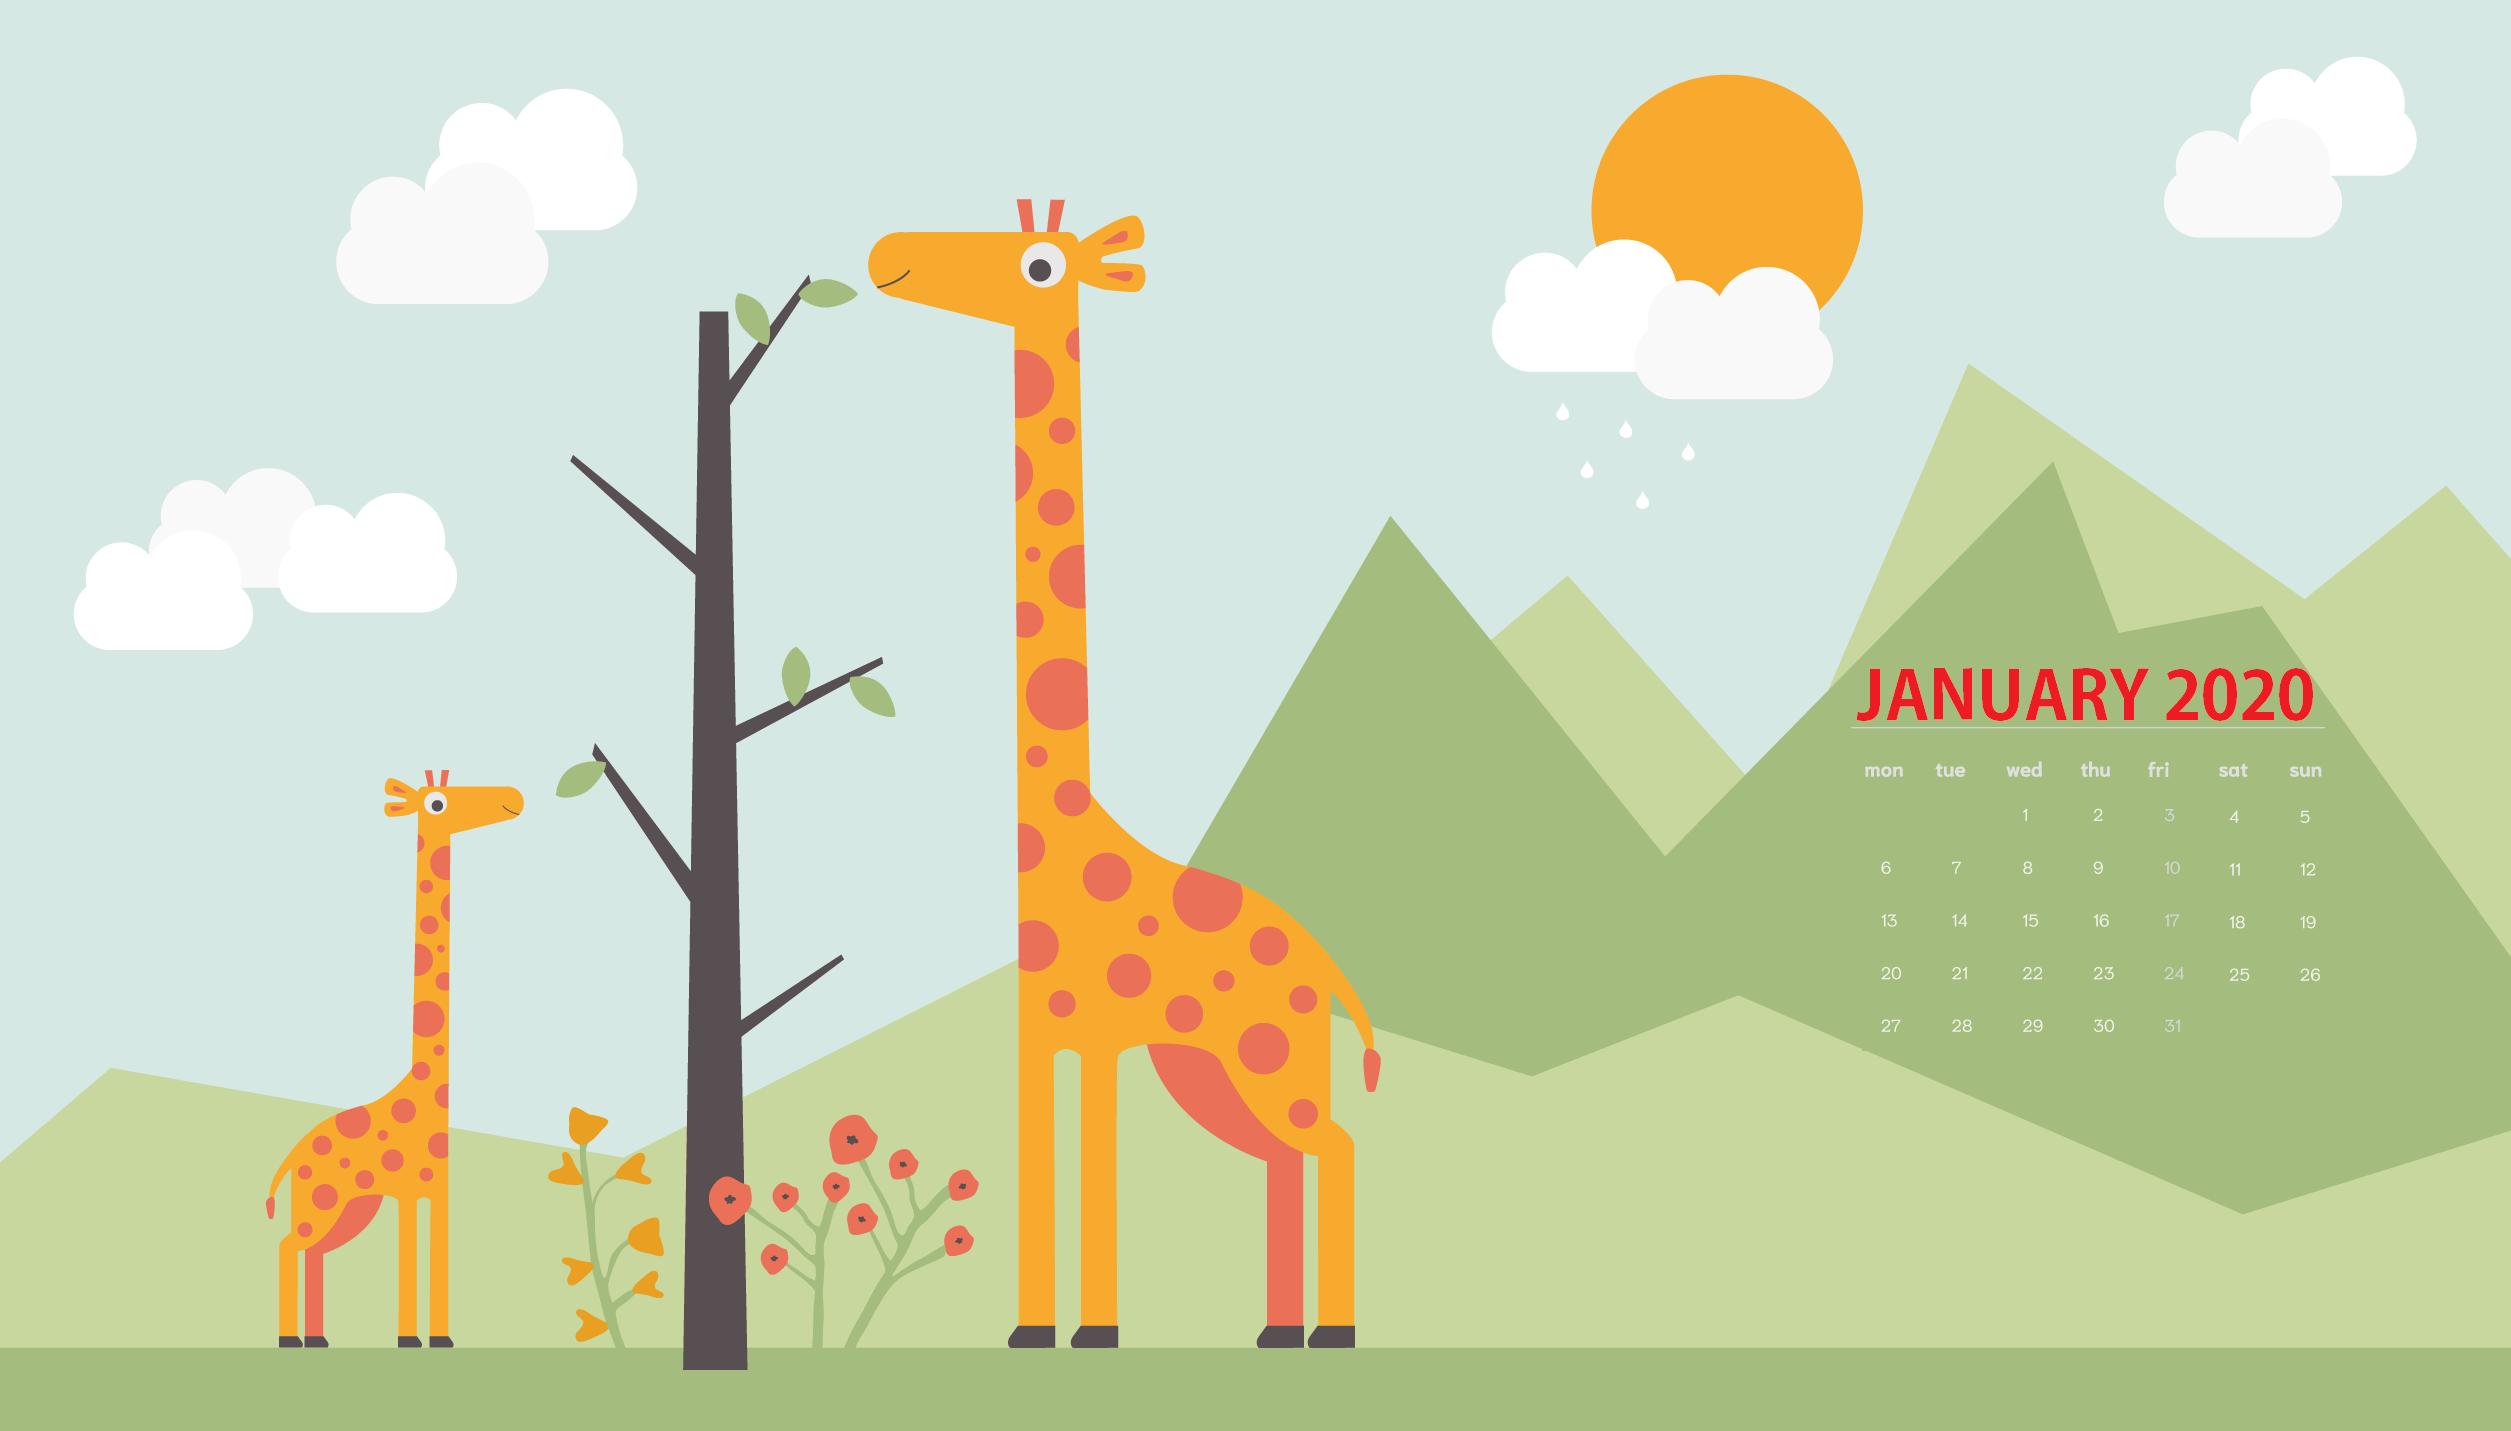 January 2020 Desktop Wallpaper Calendar 2019 2511x1431